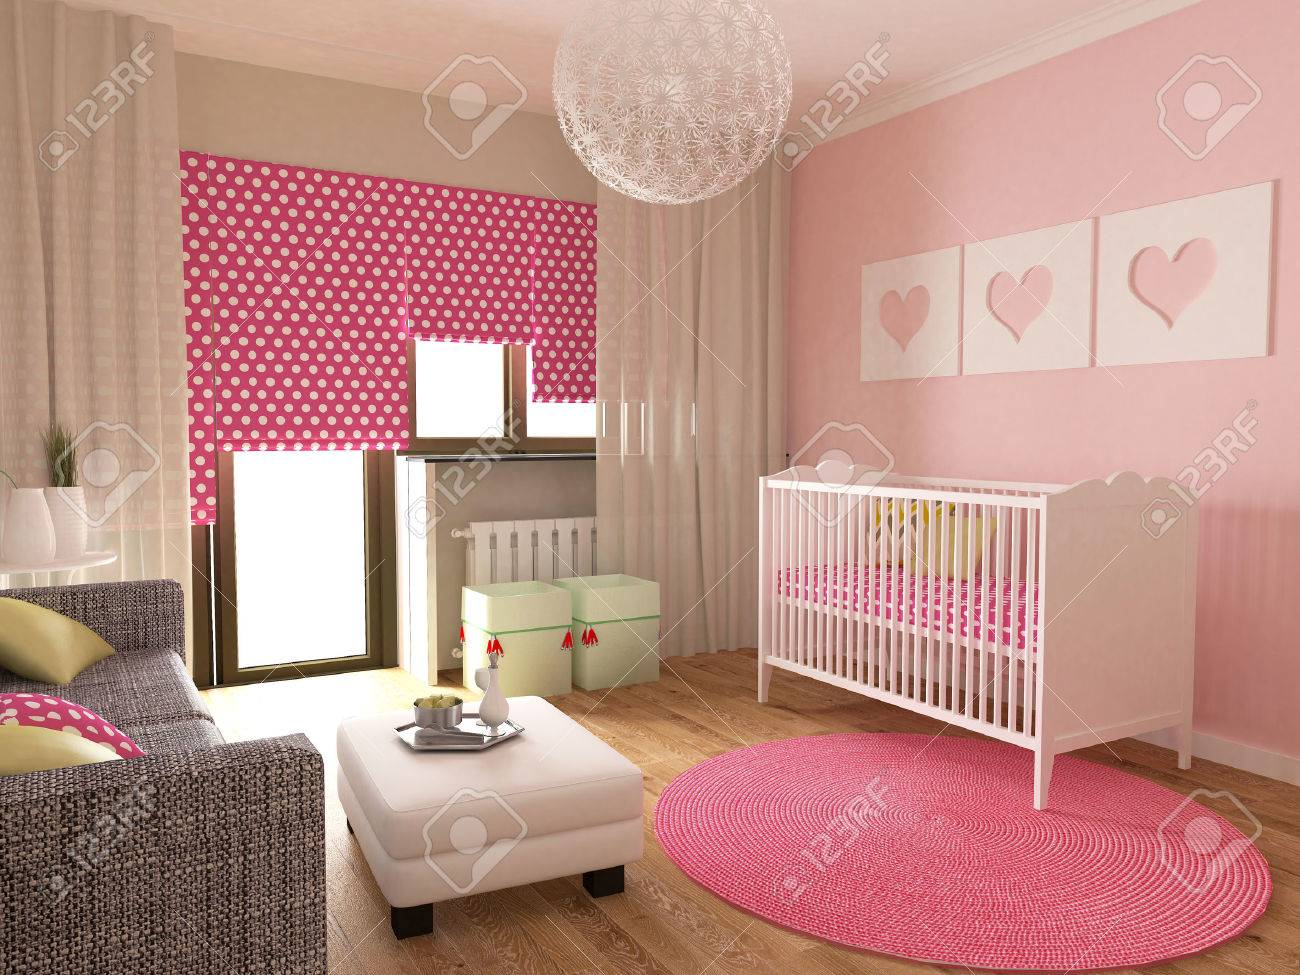 Babykamer Interieur, 3d Renderen Royalty-Vrije Foto, Plaatjes ...